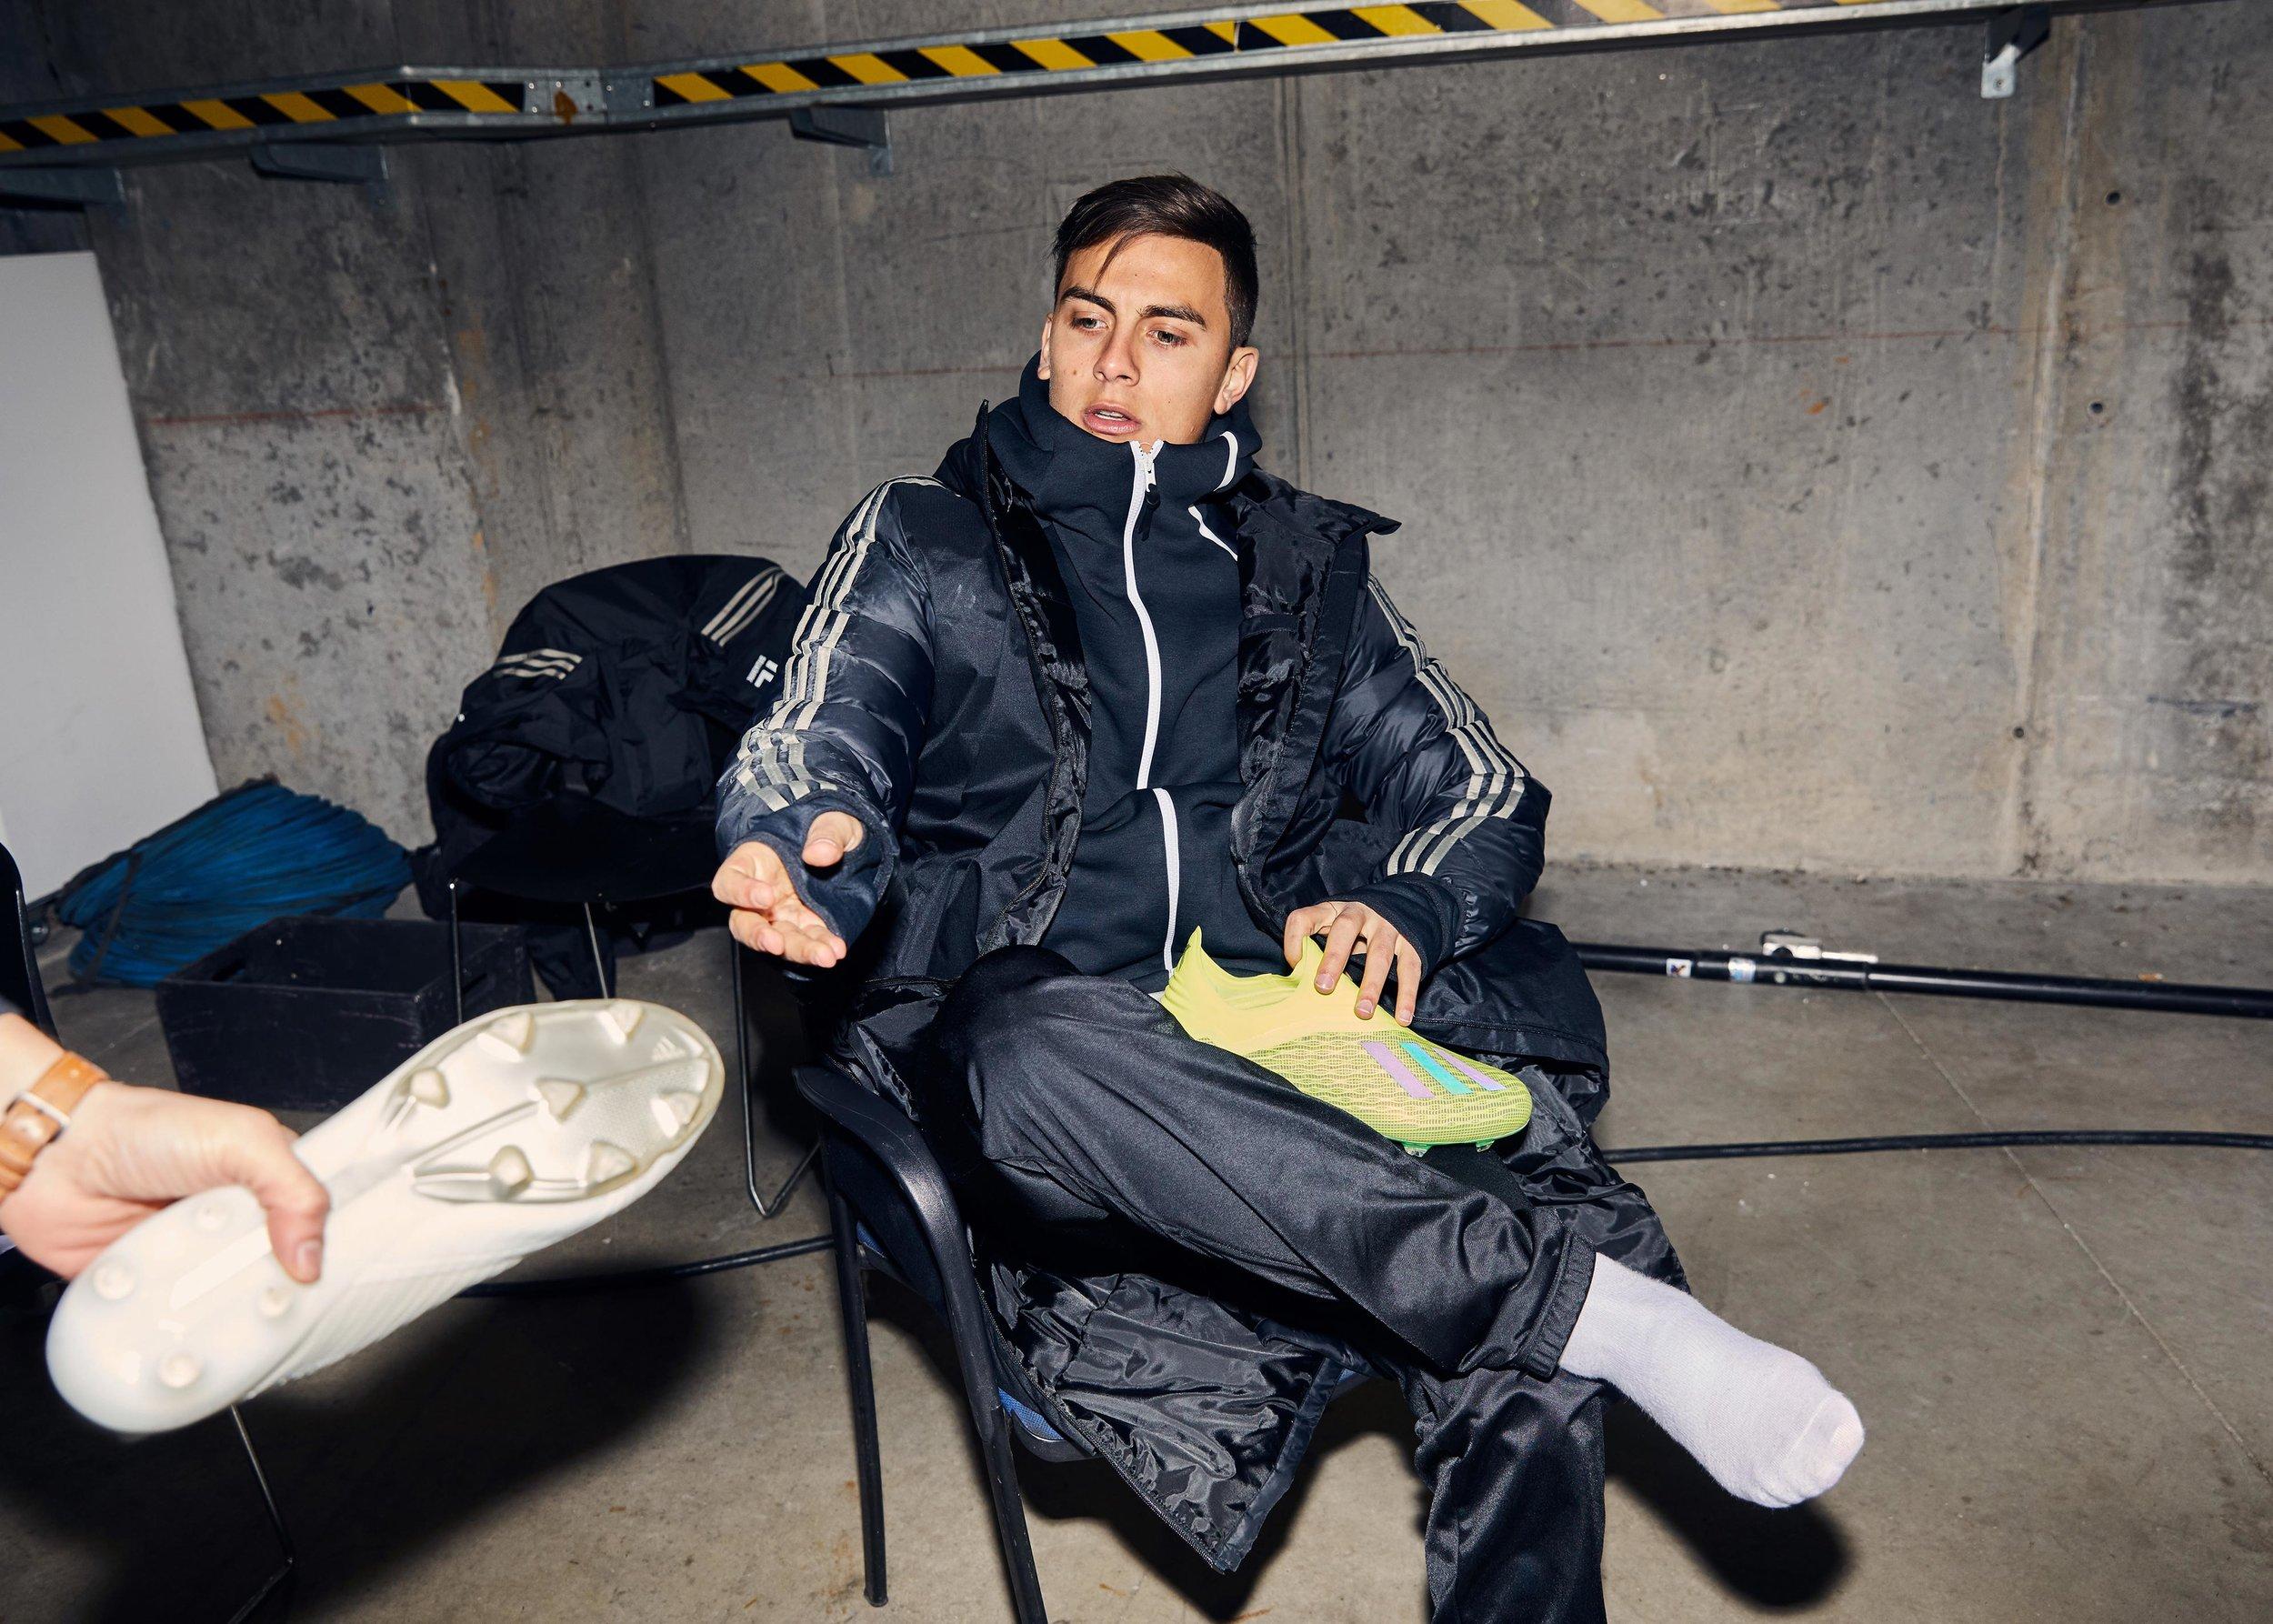 Paulo Dybala for Adidas x Juventus